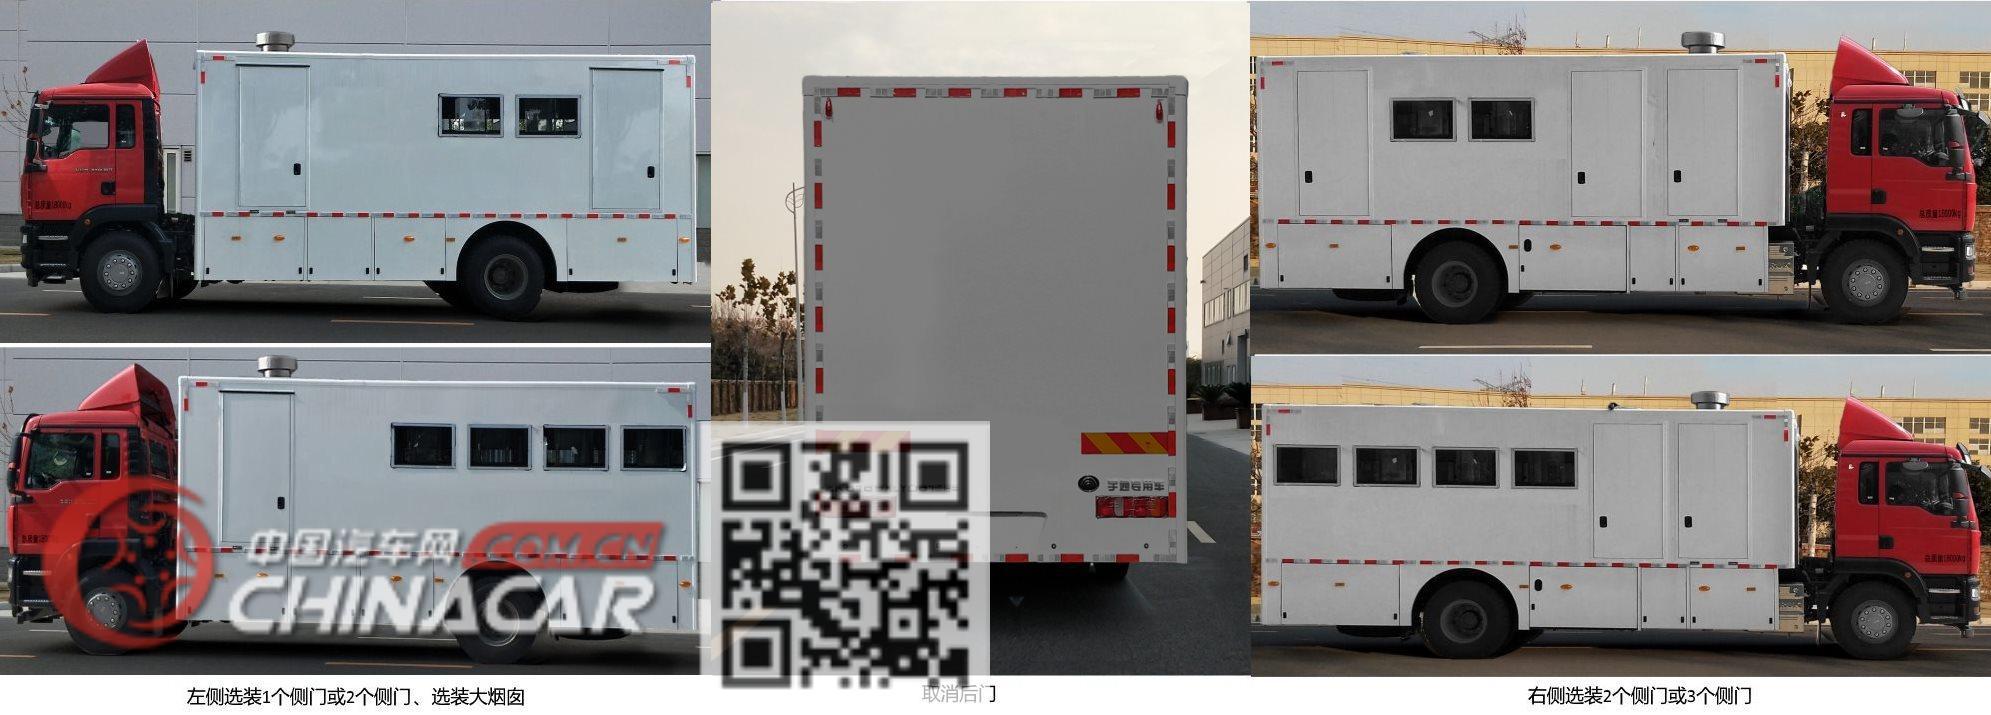 宇通牌ZK5189XLYD61型淋浴车图片2